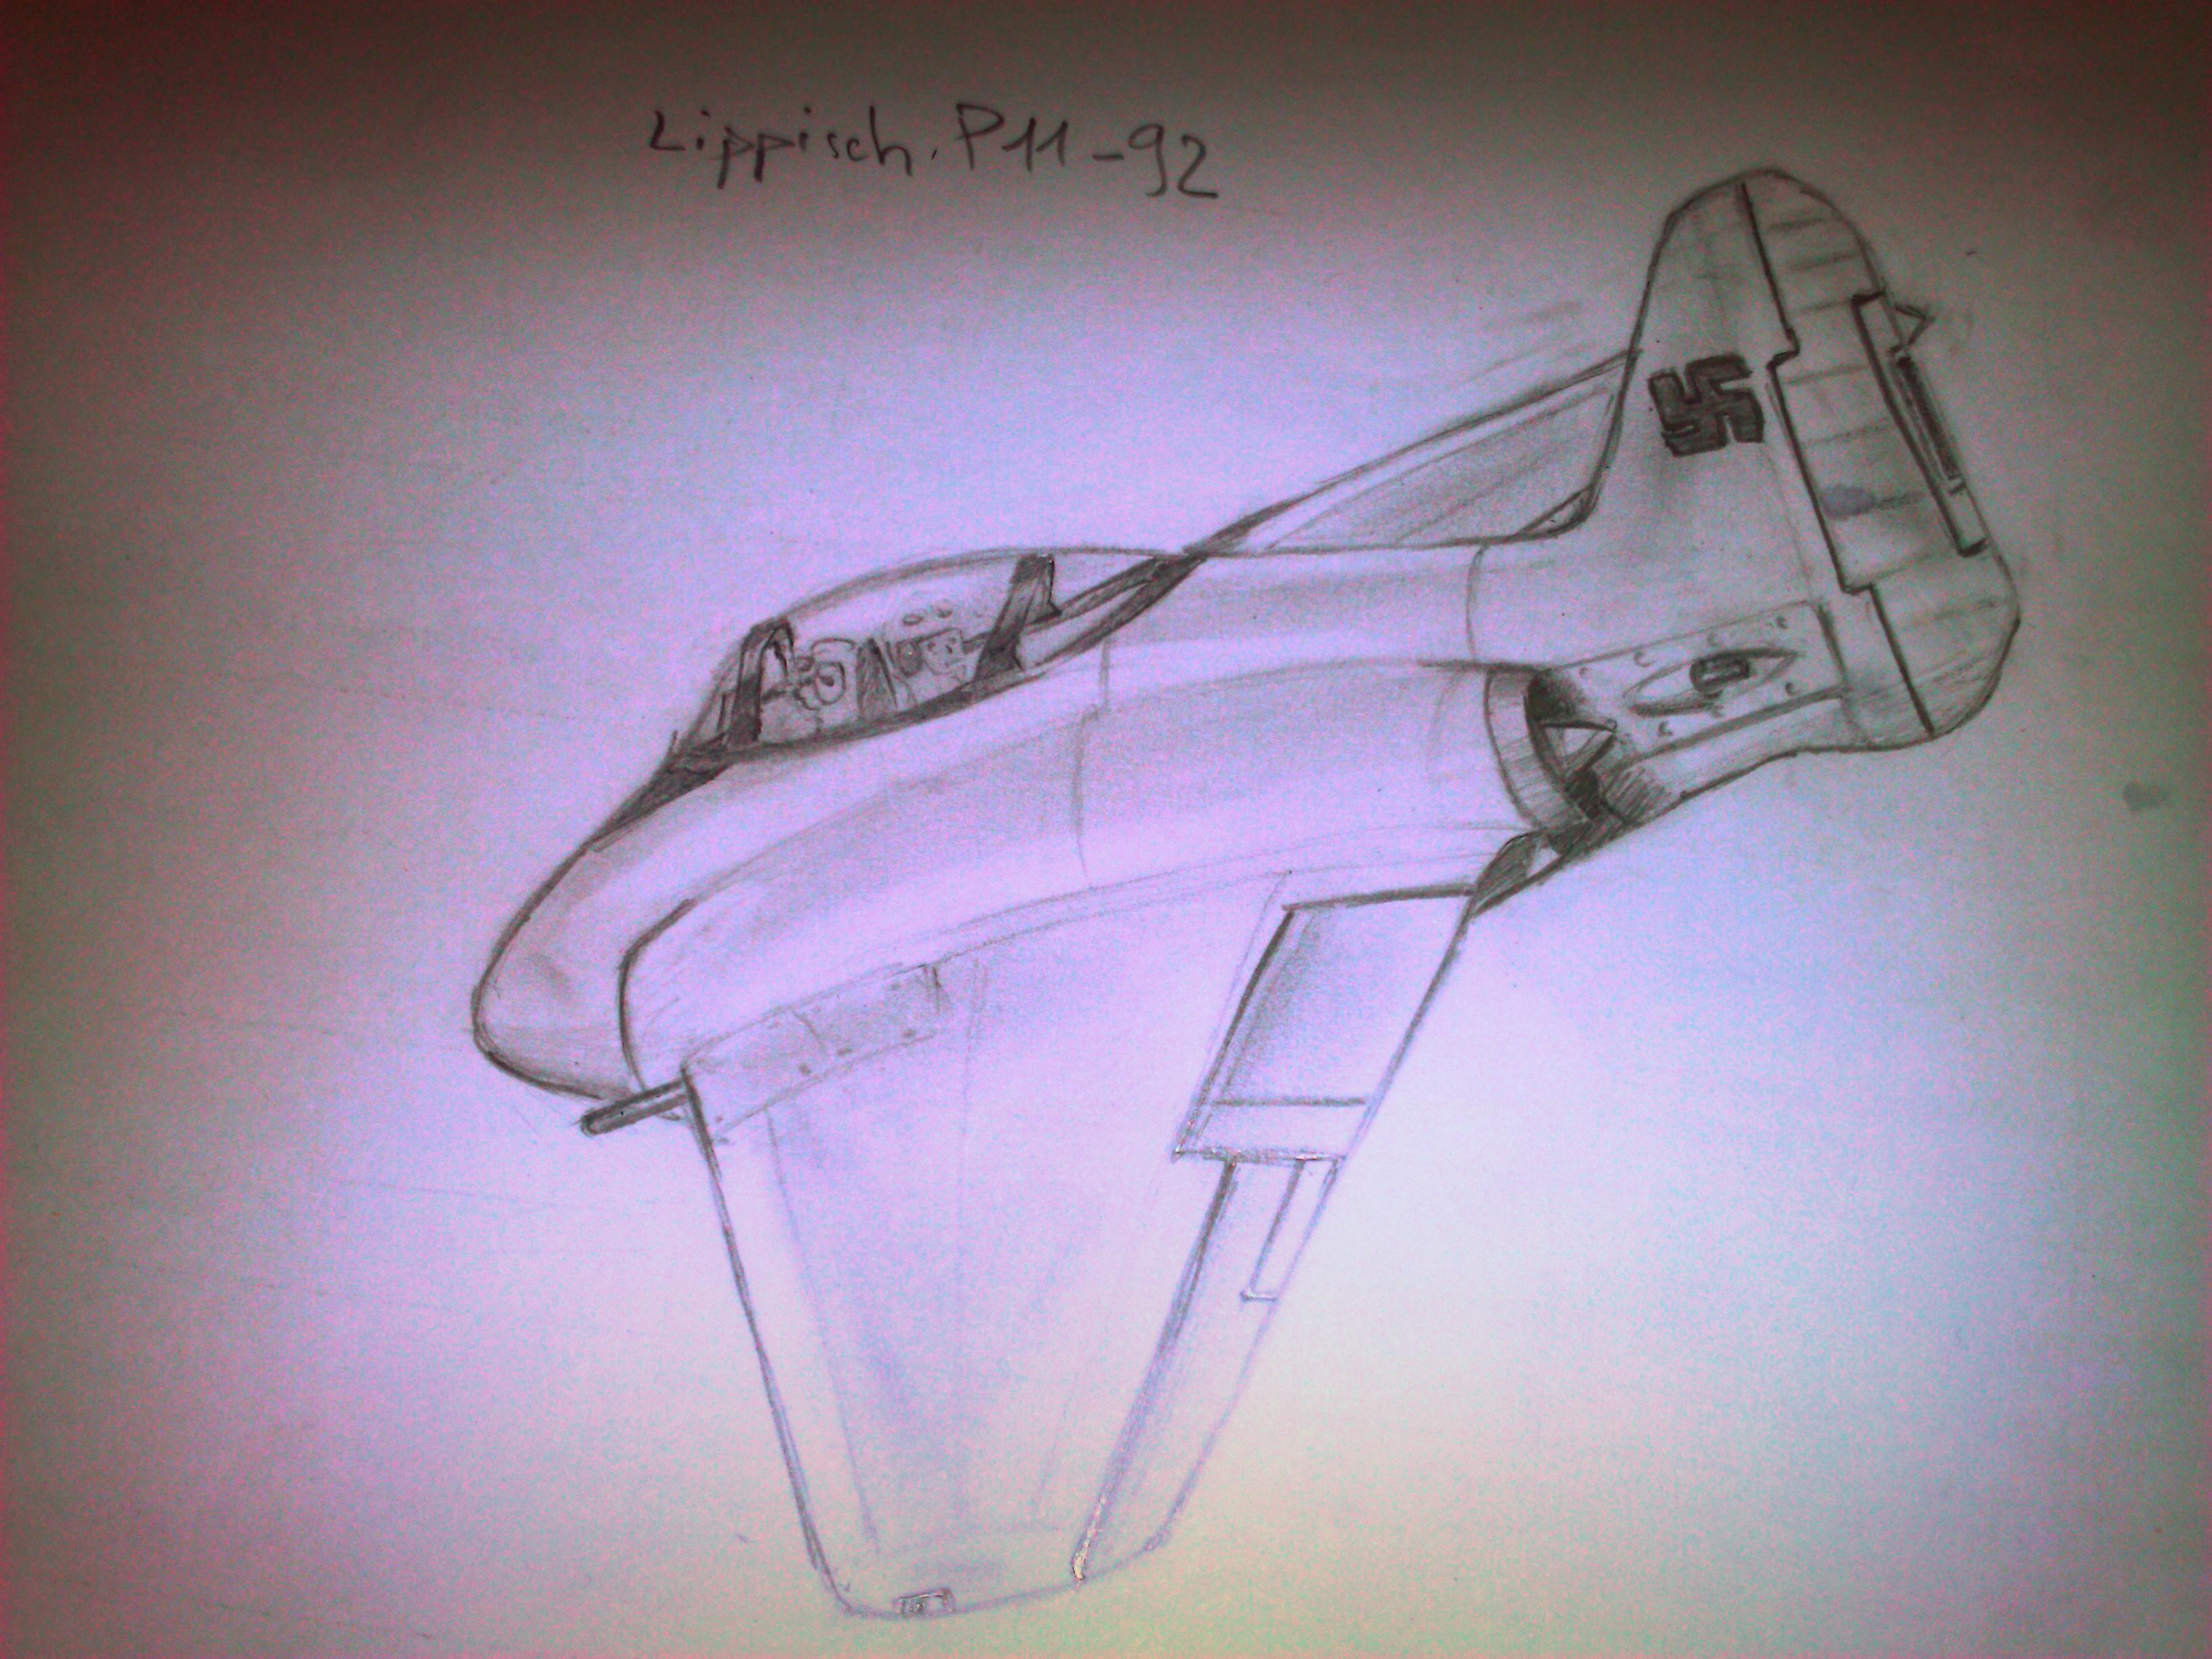 Lippisch P11-92